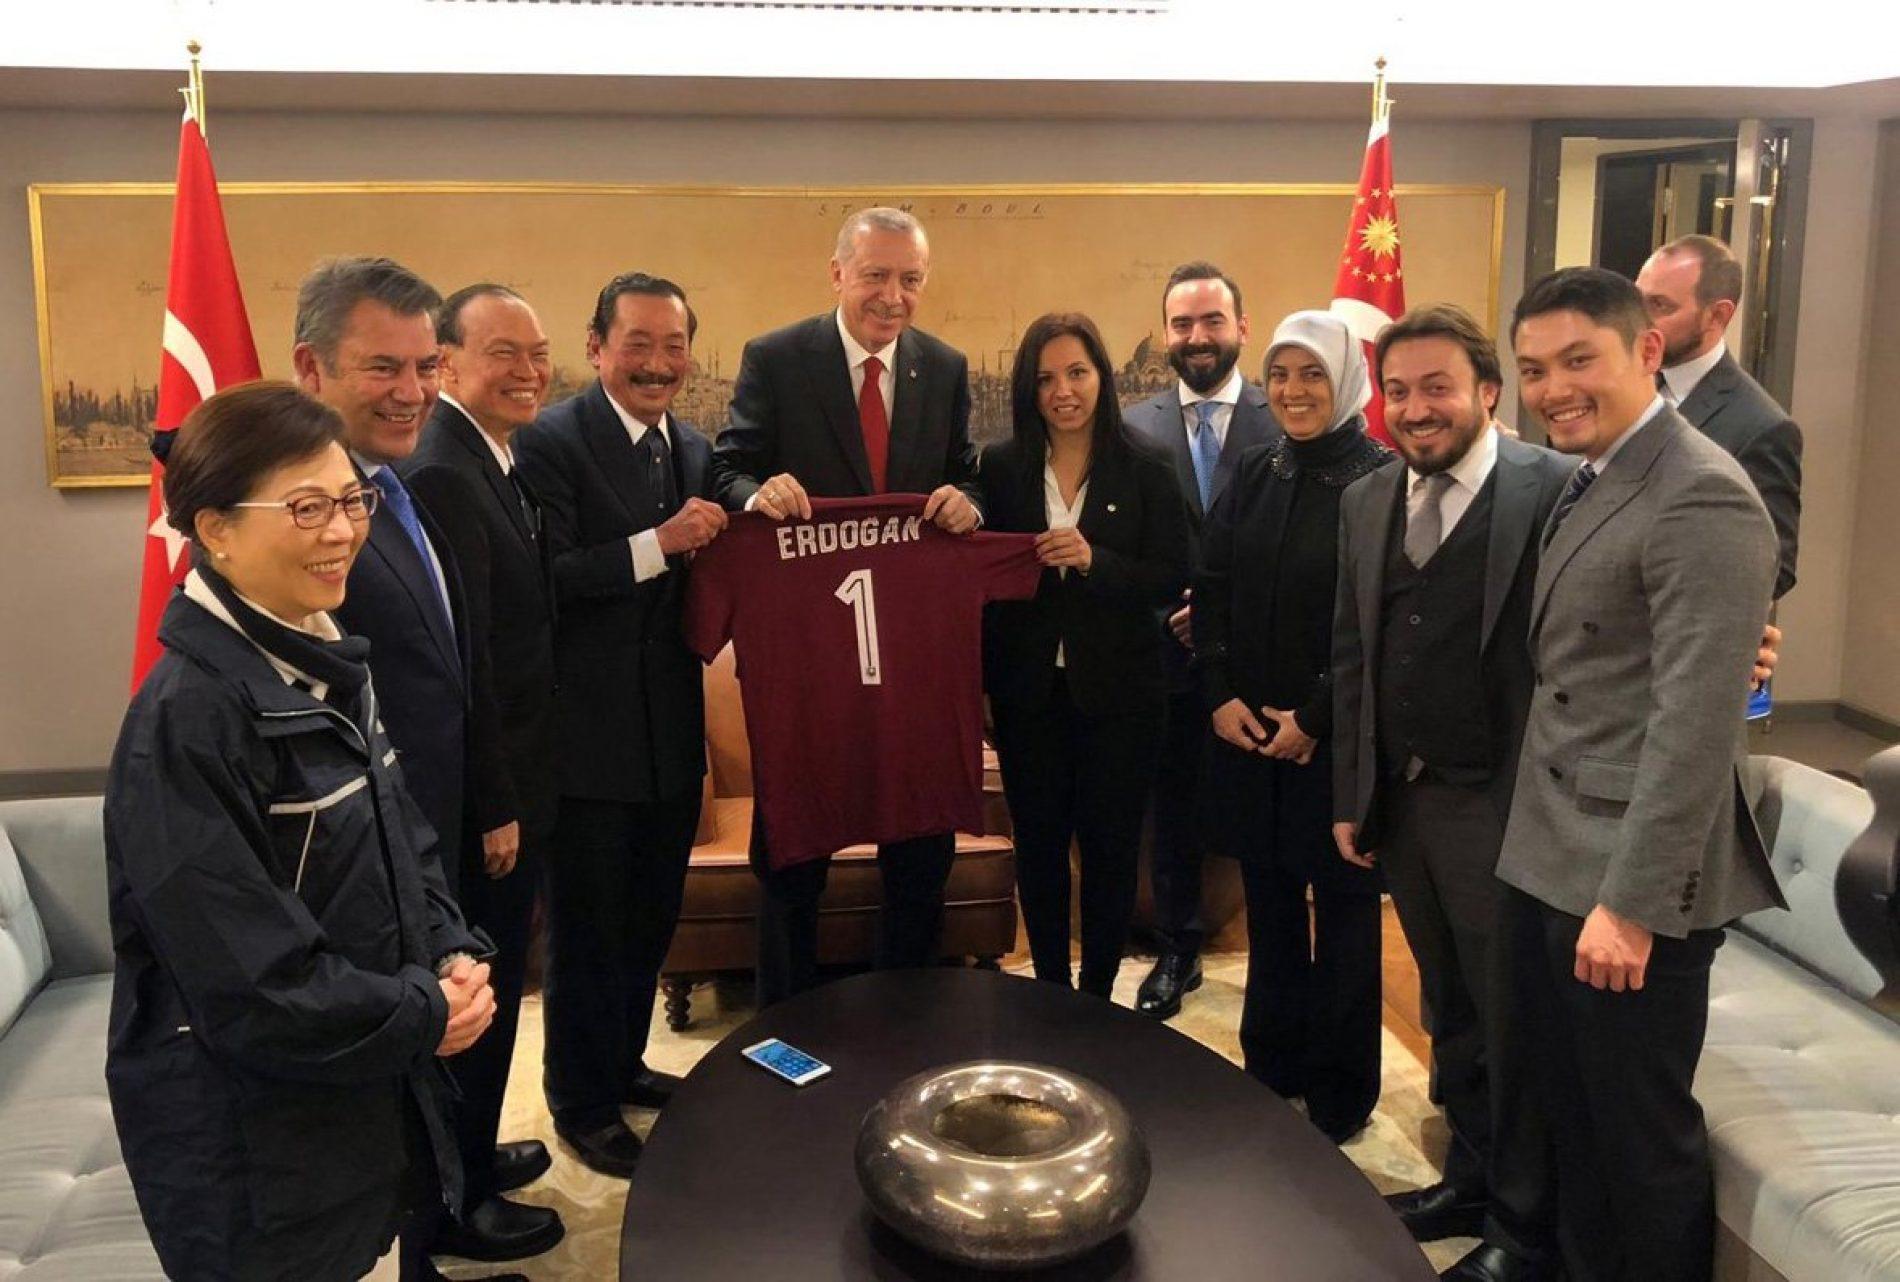 Delegacija FK Sarajevo posjetila sirijske izbjeglice u Turskoj i susrela se s Erdoganom